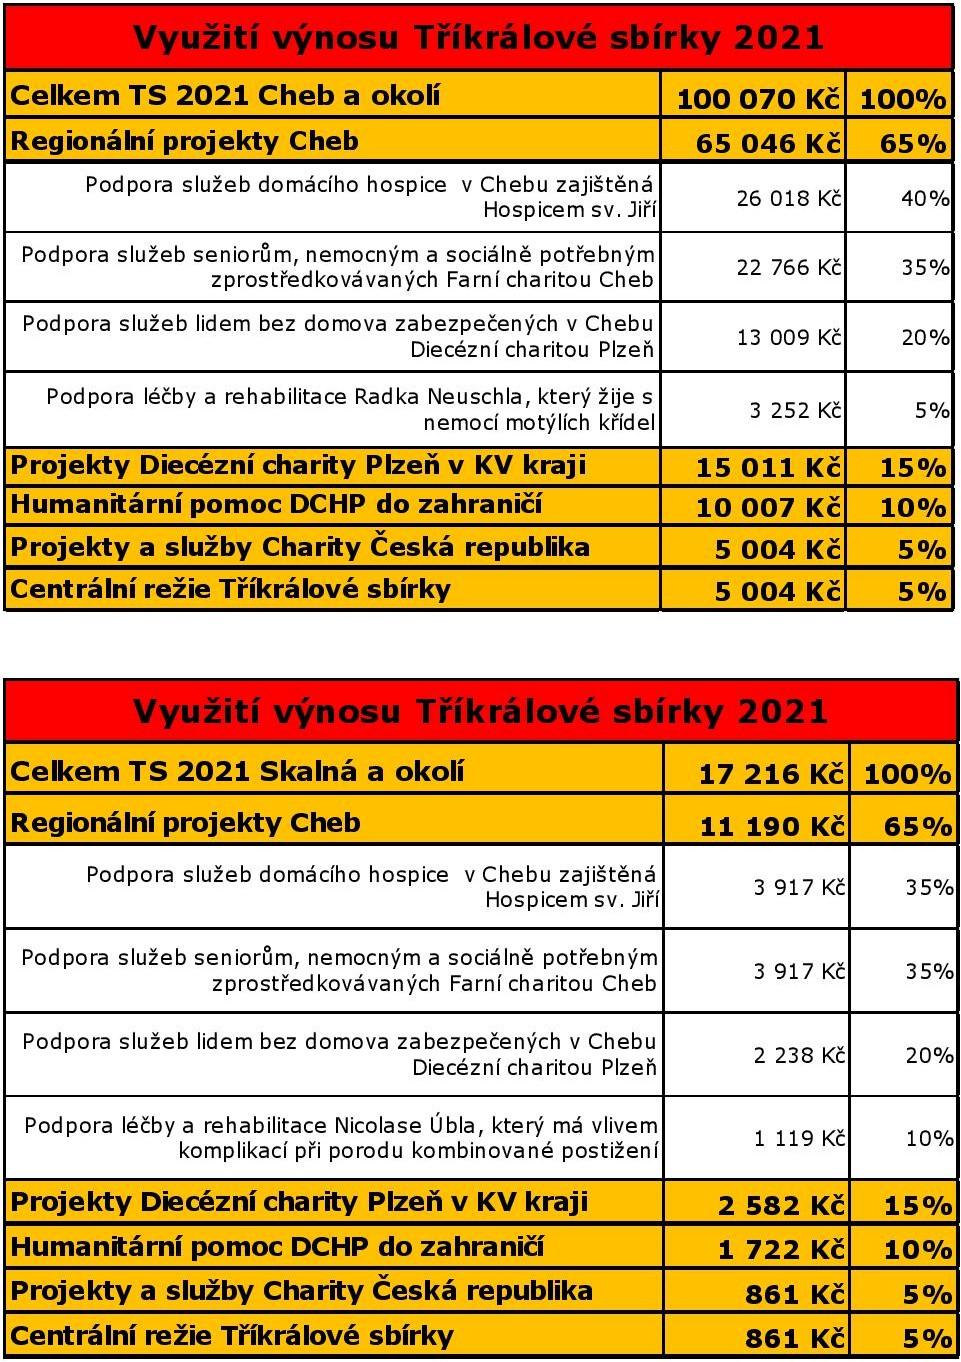 Rozdělení výtěžku TS 2021 v Chebu a ve Skalné